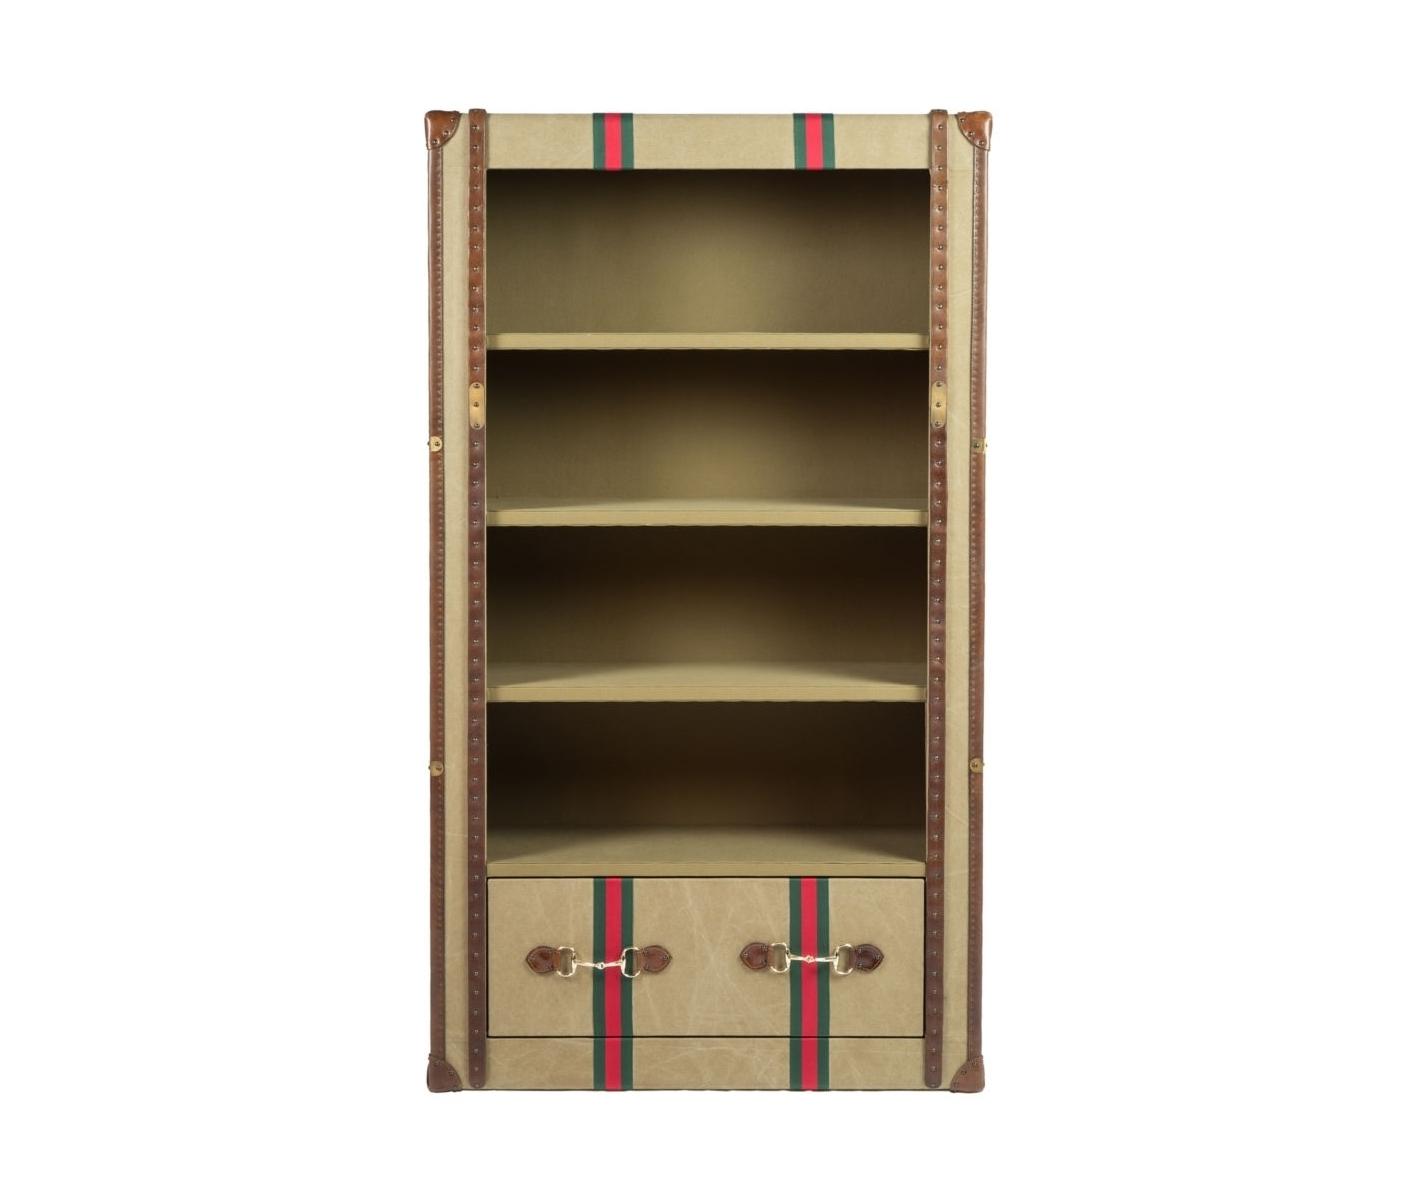 Шкаф книжный GroverКнижные шкафы и библиотеки<br>&amp;lt;div&amp;gt;Вместительная книжная полка-стеллаж с отделкой из кожи от бренда MHLIVING. Книжные полки чрезвычайно полезный предмет интерьера, которым поможет Вам в оформлении домашней или офисной библиотеки.&amp;lt;/div&amp;gt;&amp;lt;div&amp;gt;&amp;lt;br&amp;gt;&amp;lt;/div&amp;gt;&amp;lt;div&amp;gt;Материал: Кожа/ткань&amp;lt;/div&amp;gt;<br><br>Material: Кожа<br>Ширина см: 114.0<br>Высота см: 201.0<br>Глубина см: 45.0